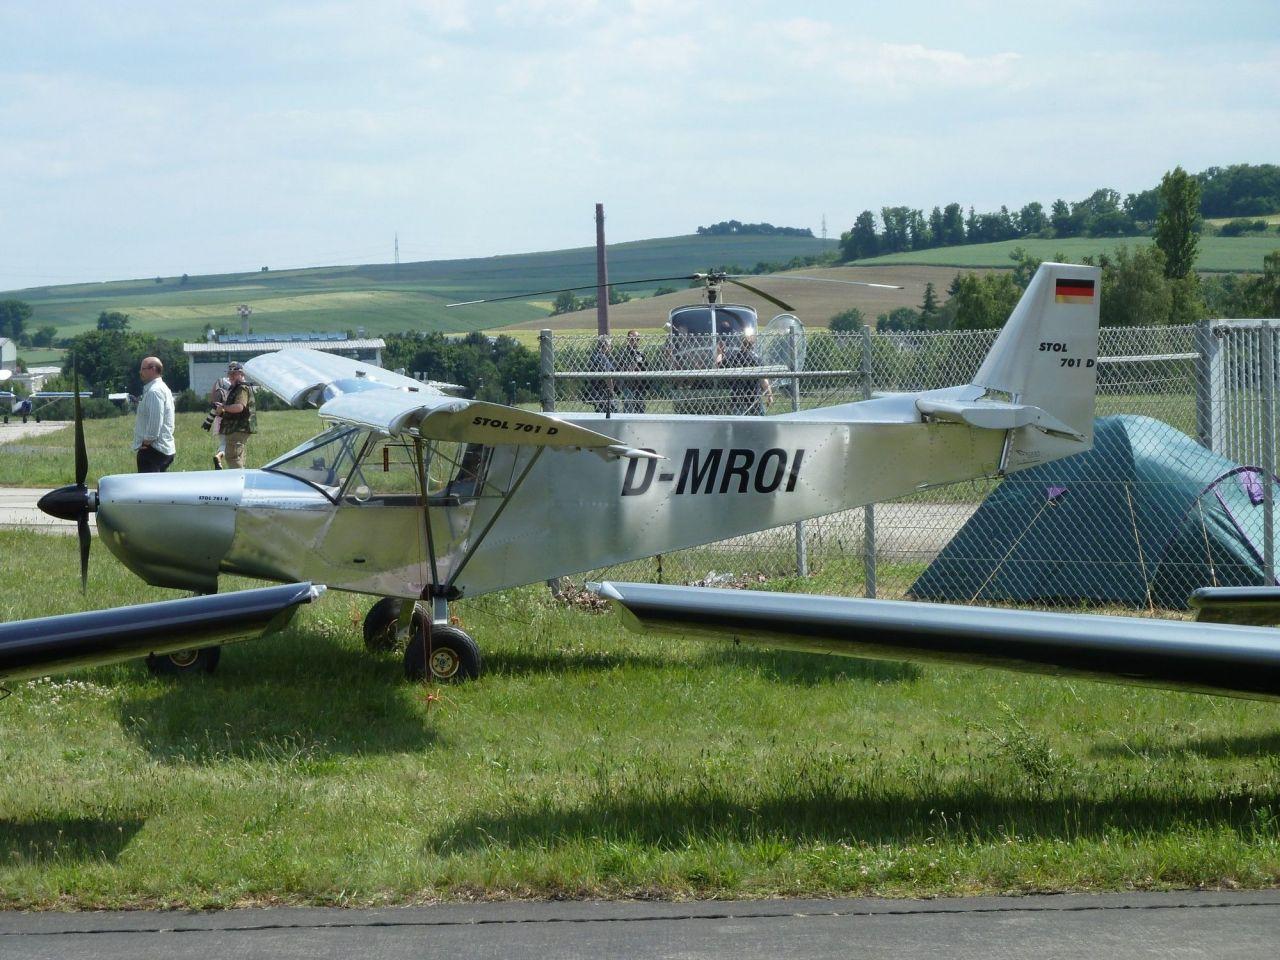 EDRE_Mendig - Was wieder klasse beim Team Roland Aircraft, hatte wieder mein Zelt dabei.